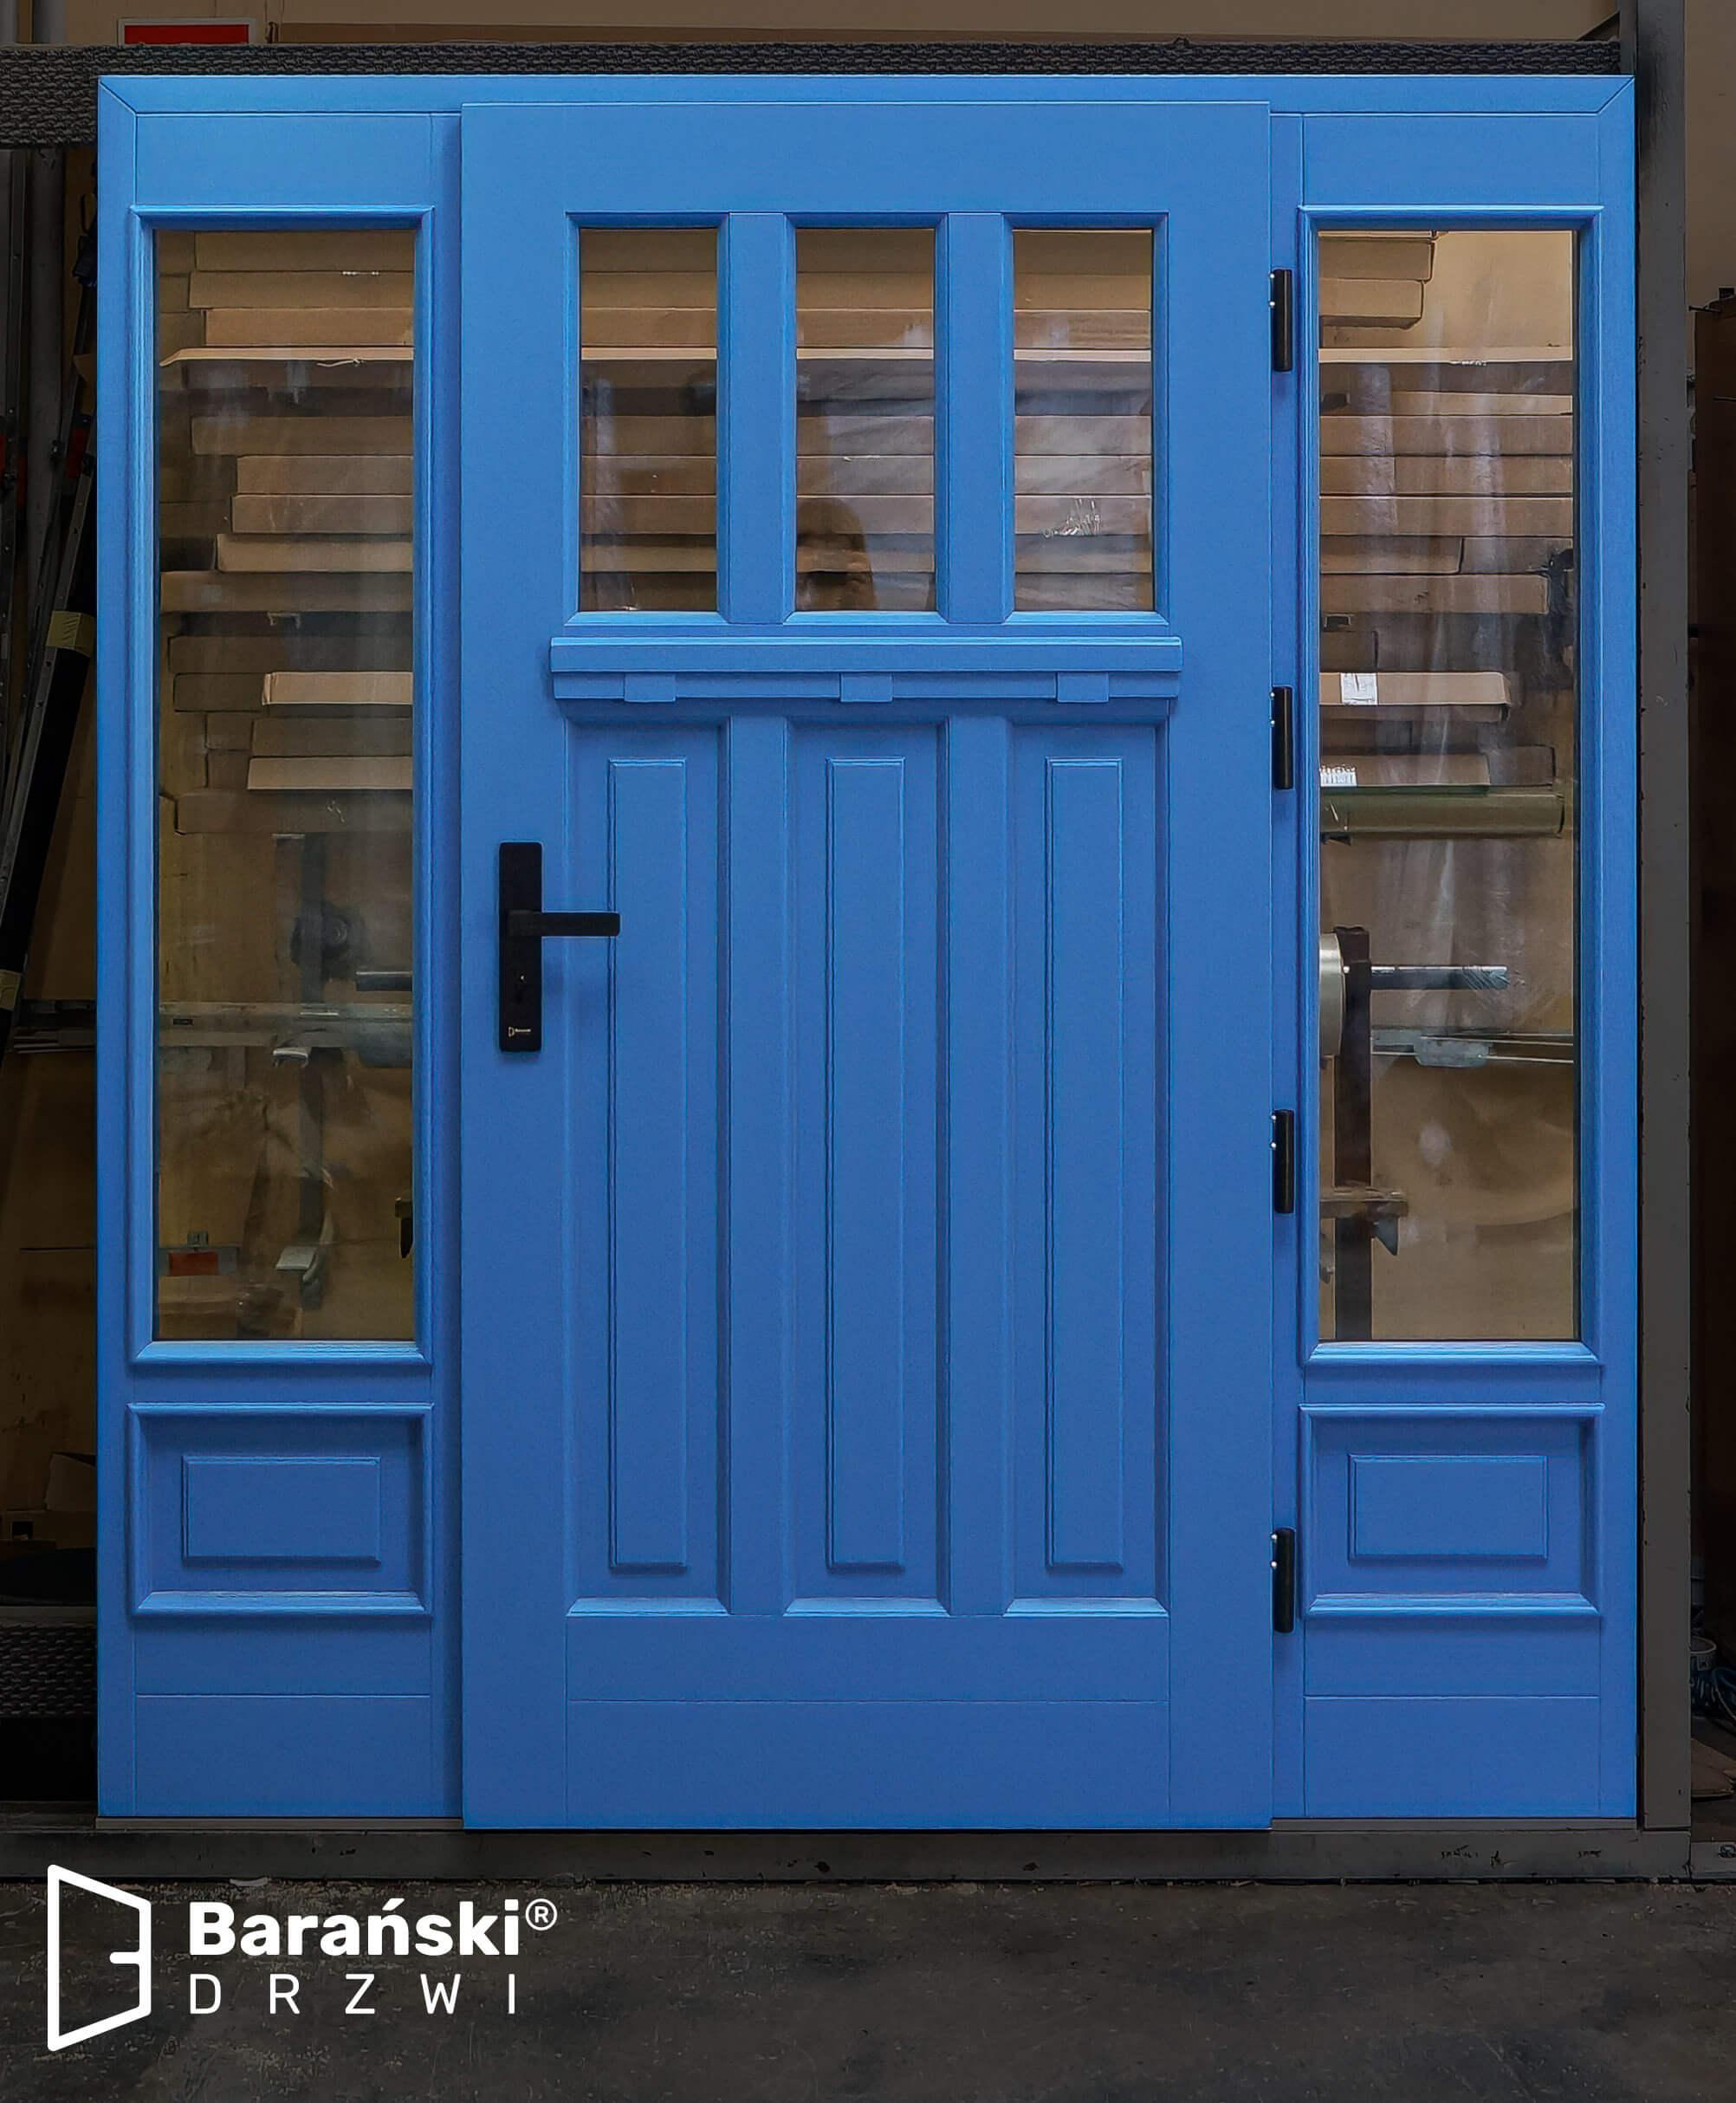 Barański drzwi zewnętrzne, drzwi drewniane zapraszają do wnętrza